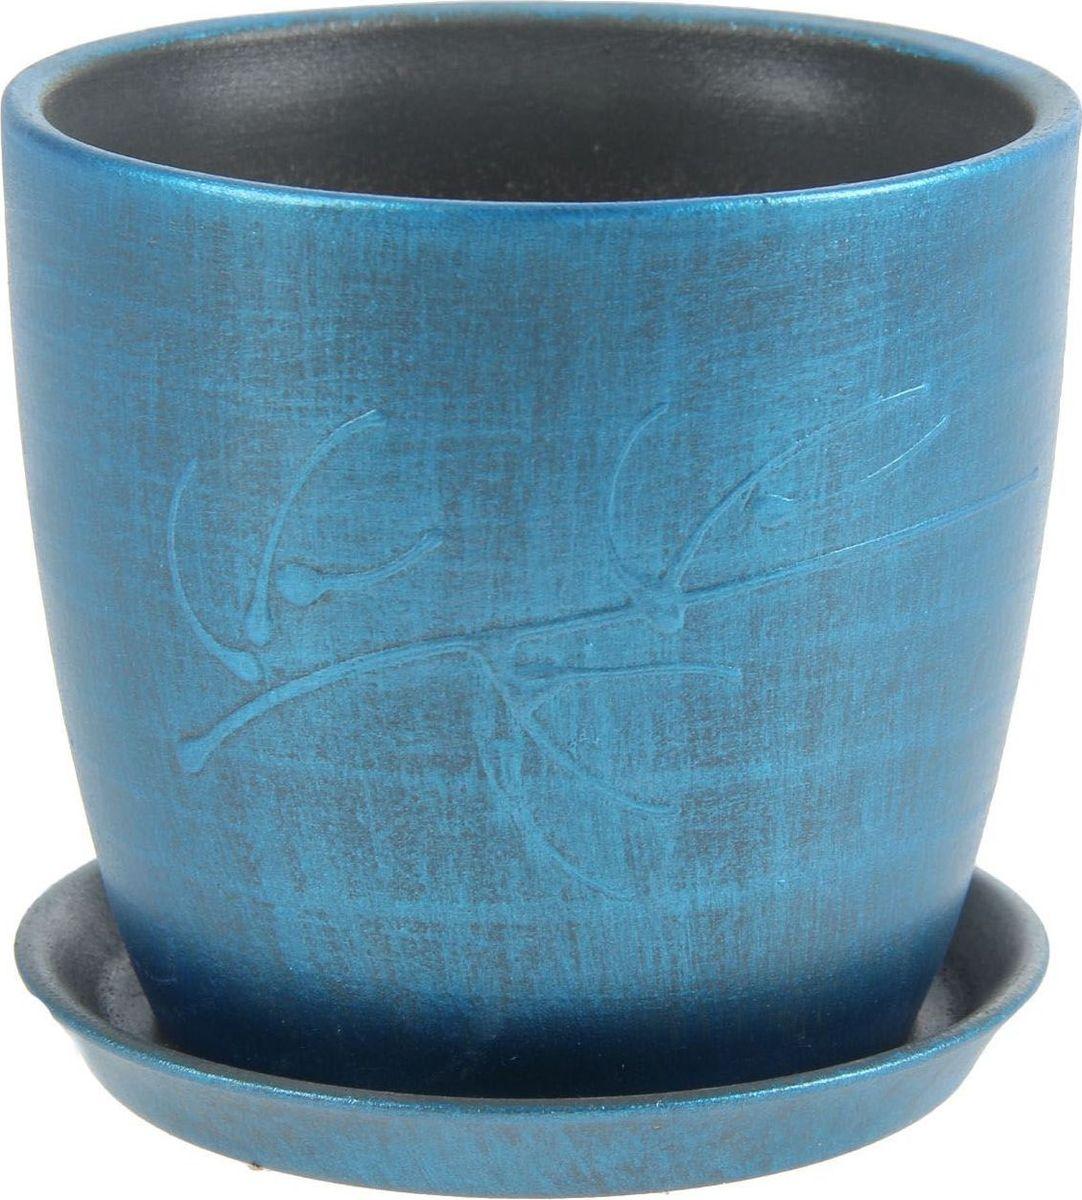 Кашпо Керамика ручной работы Осень. Патина, цвет: синий, 0,5 л1144921Комнатные растения — всеобщие любимцы. Они радуют глаз, насыщают помещение кислородом и украшают пространство. Каждому из них необходим свой удобный и красивый дом. Кашпо из керамики прекрасно подходят для высадки растений: за счёт пластичности глины и разных способов обработки существует великое множество форм и дизайновпористый материал позволяет испаряться лишней влагевоздух, необходимый для дыхания корней, проникает сквозь керамические стенки! #name# позаботится о зелёном питомце, освежит интерьер и подчеркнёт его стиль.